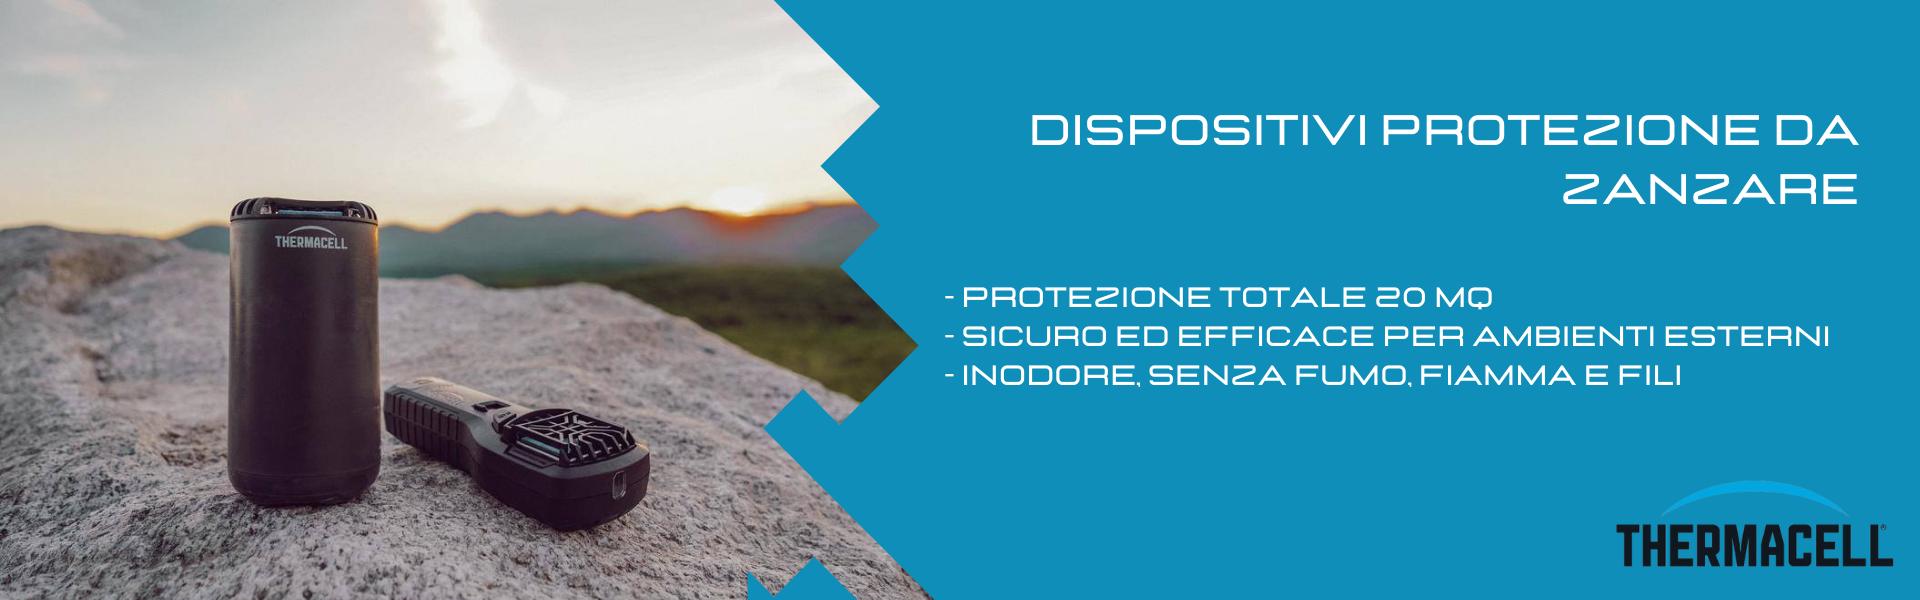 Dispositivi protezione da zanzare